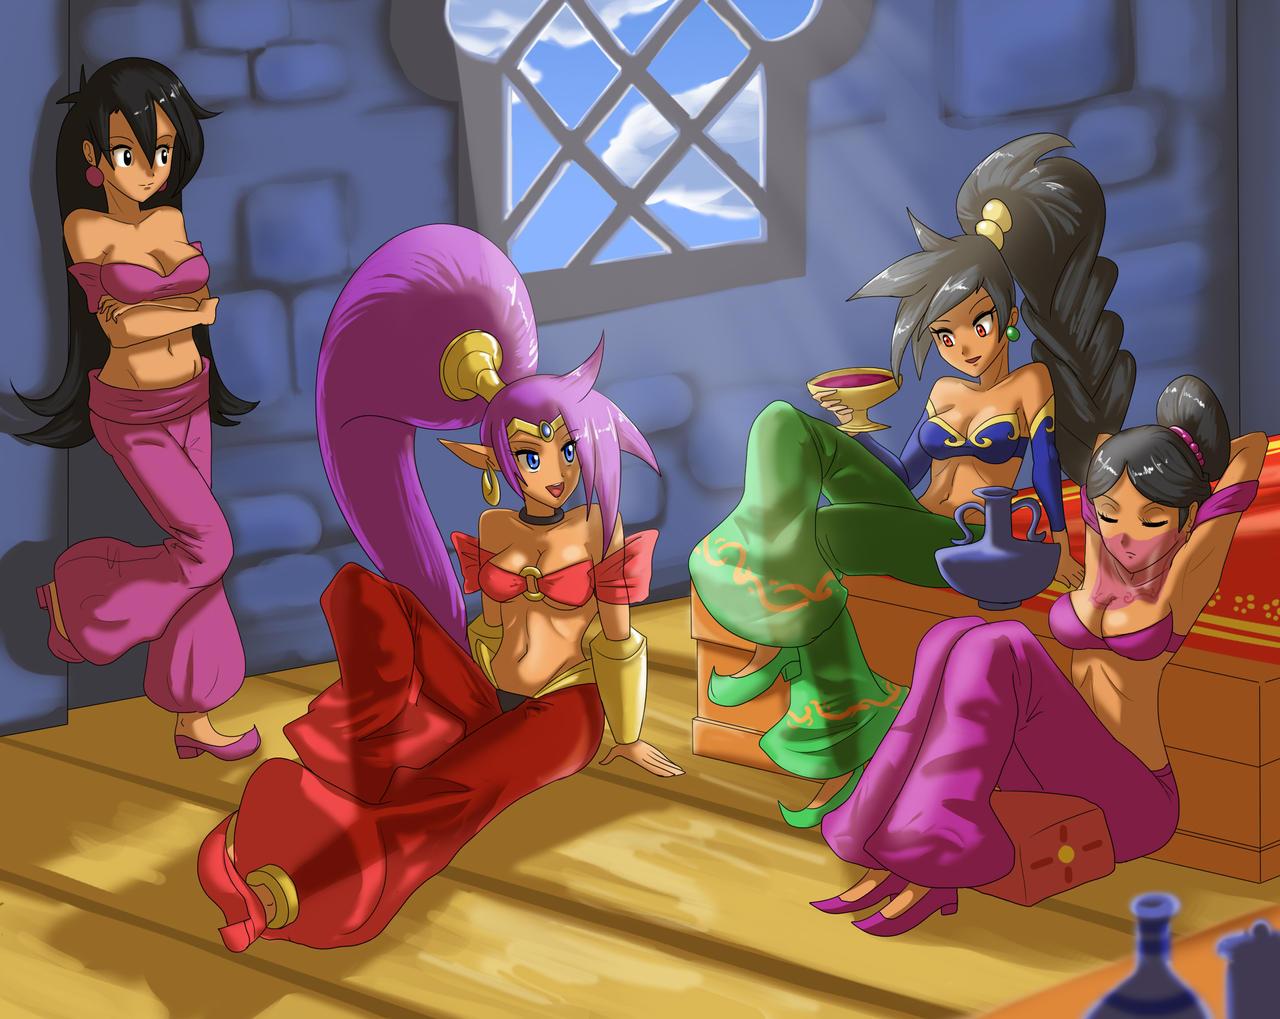 Shantae - Dancer parlor